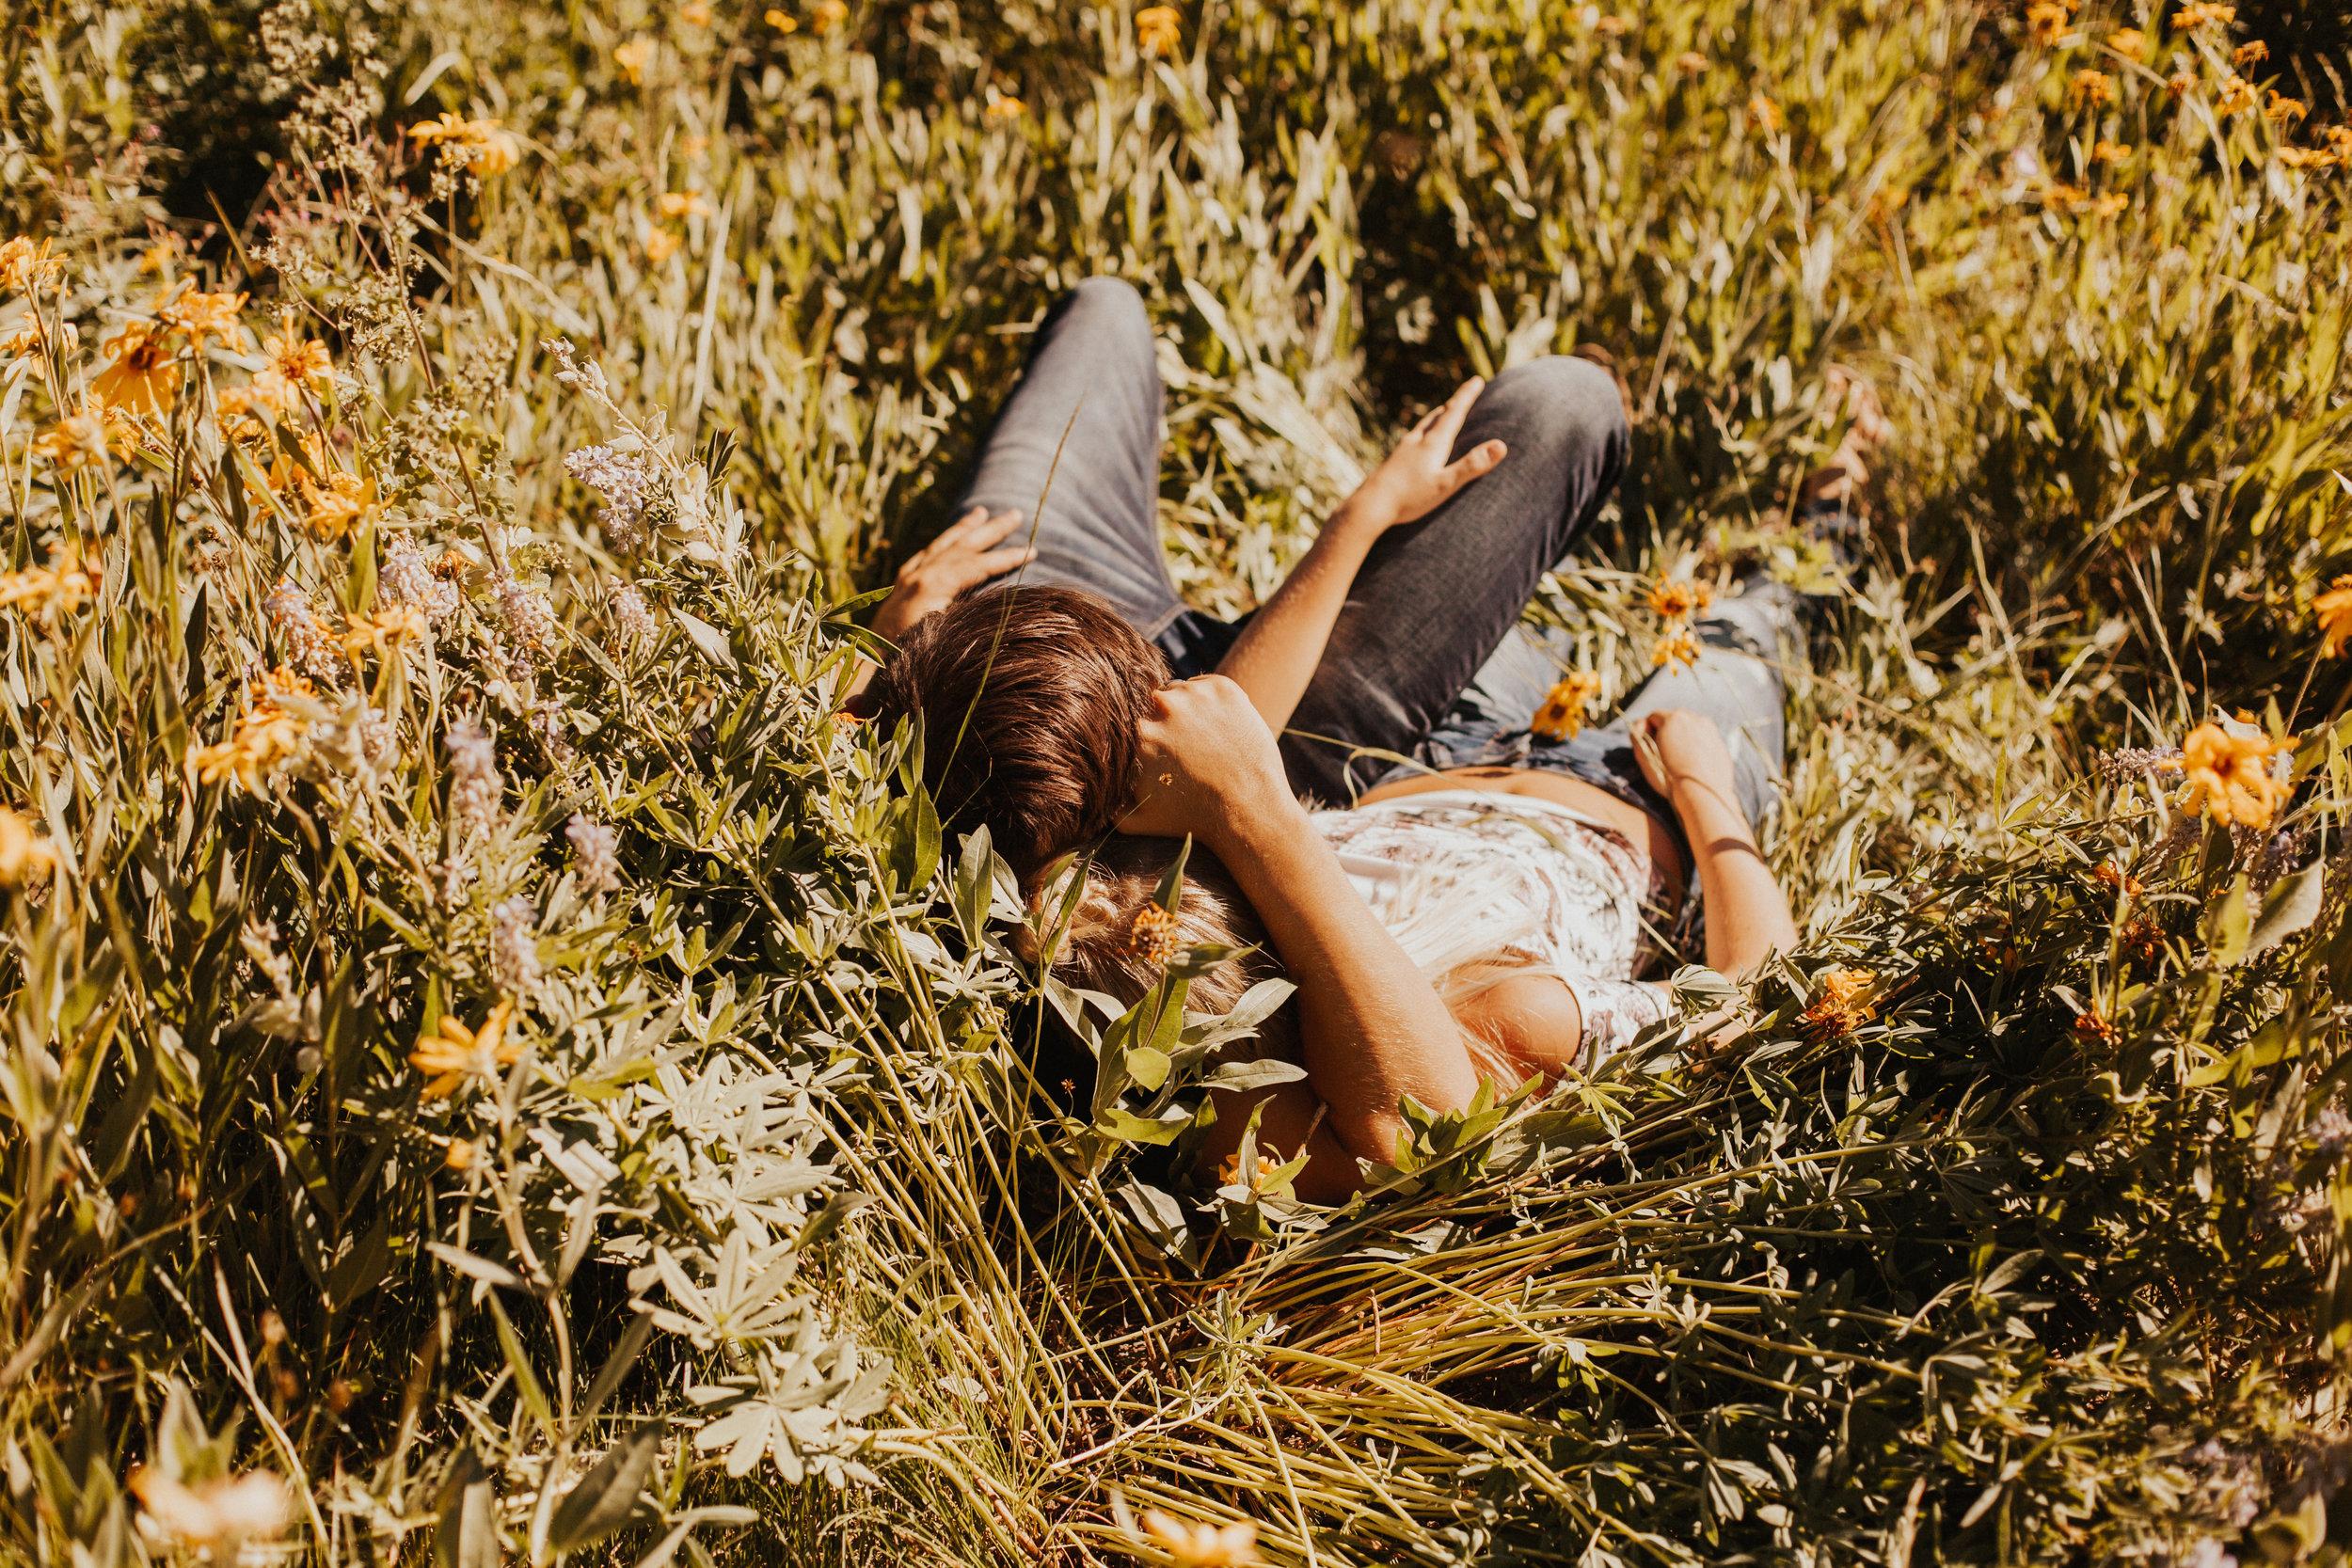 LeahNaomiPhotography_www.leahnaomiphotography.com_1J0A4311.jpg